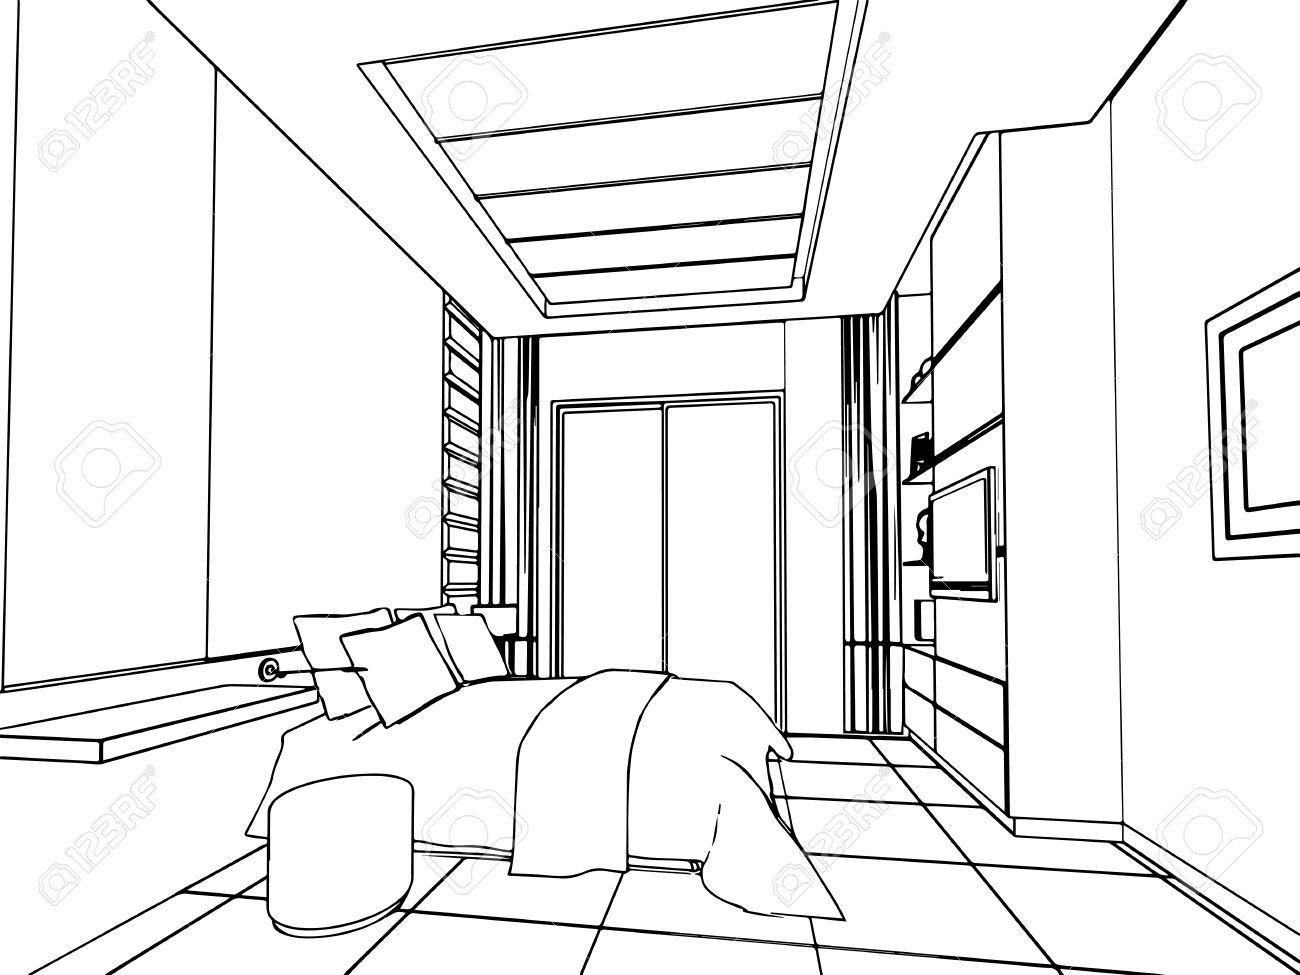 Skizze, Zeichnung Perspektive Eines Inter Raum Umreißen Lizenzfreie Fotos, Bilder Und Stock Fotografie. Image 45140427.